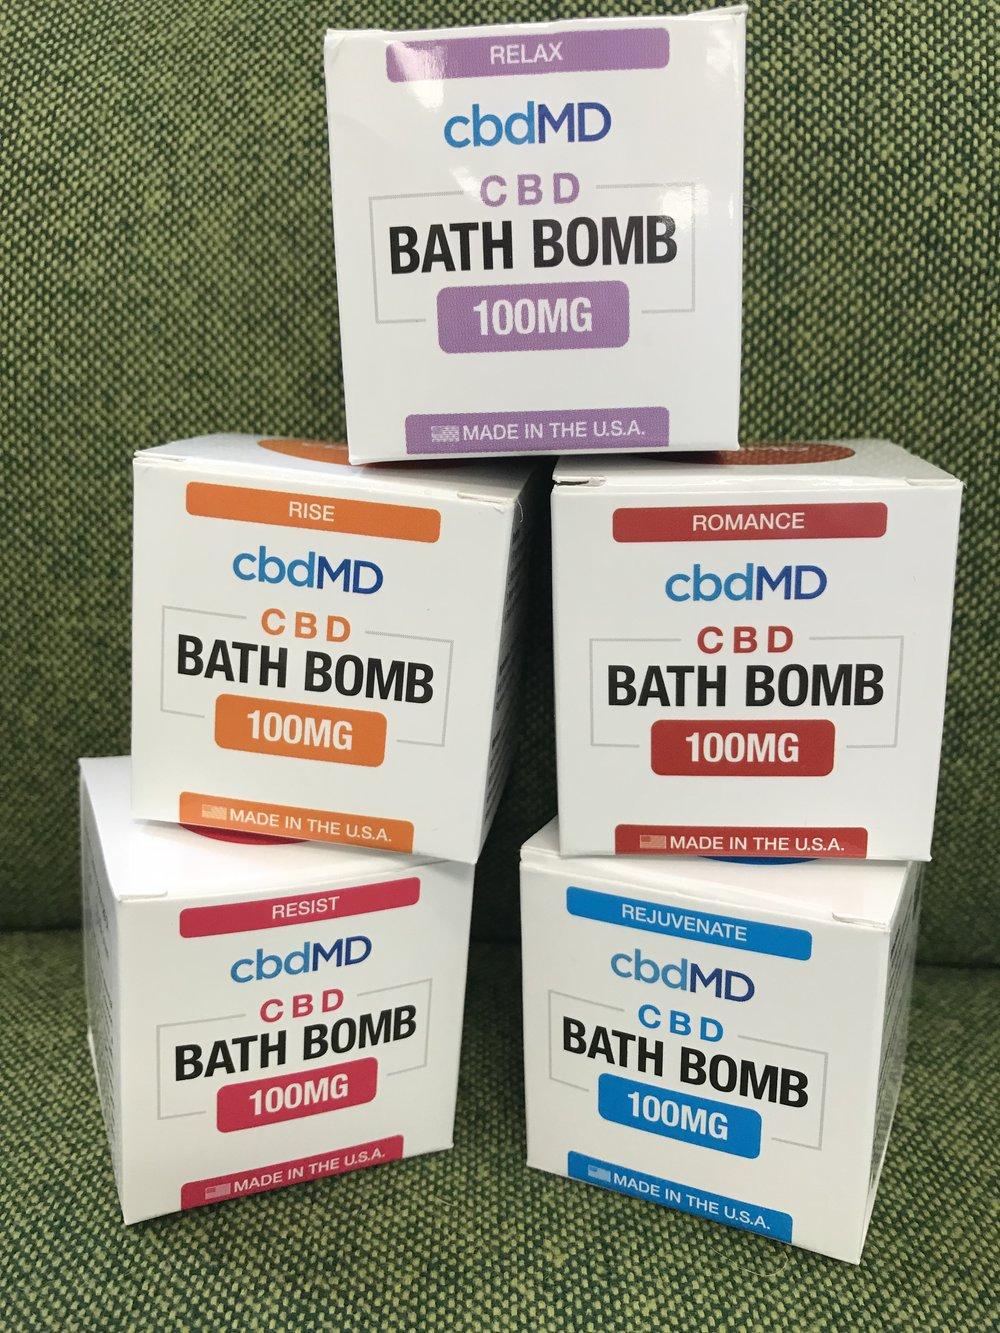 cbdMD Bath Bomb 100mg - $9.99*